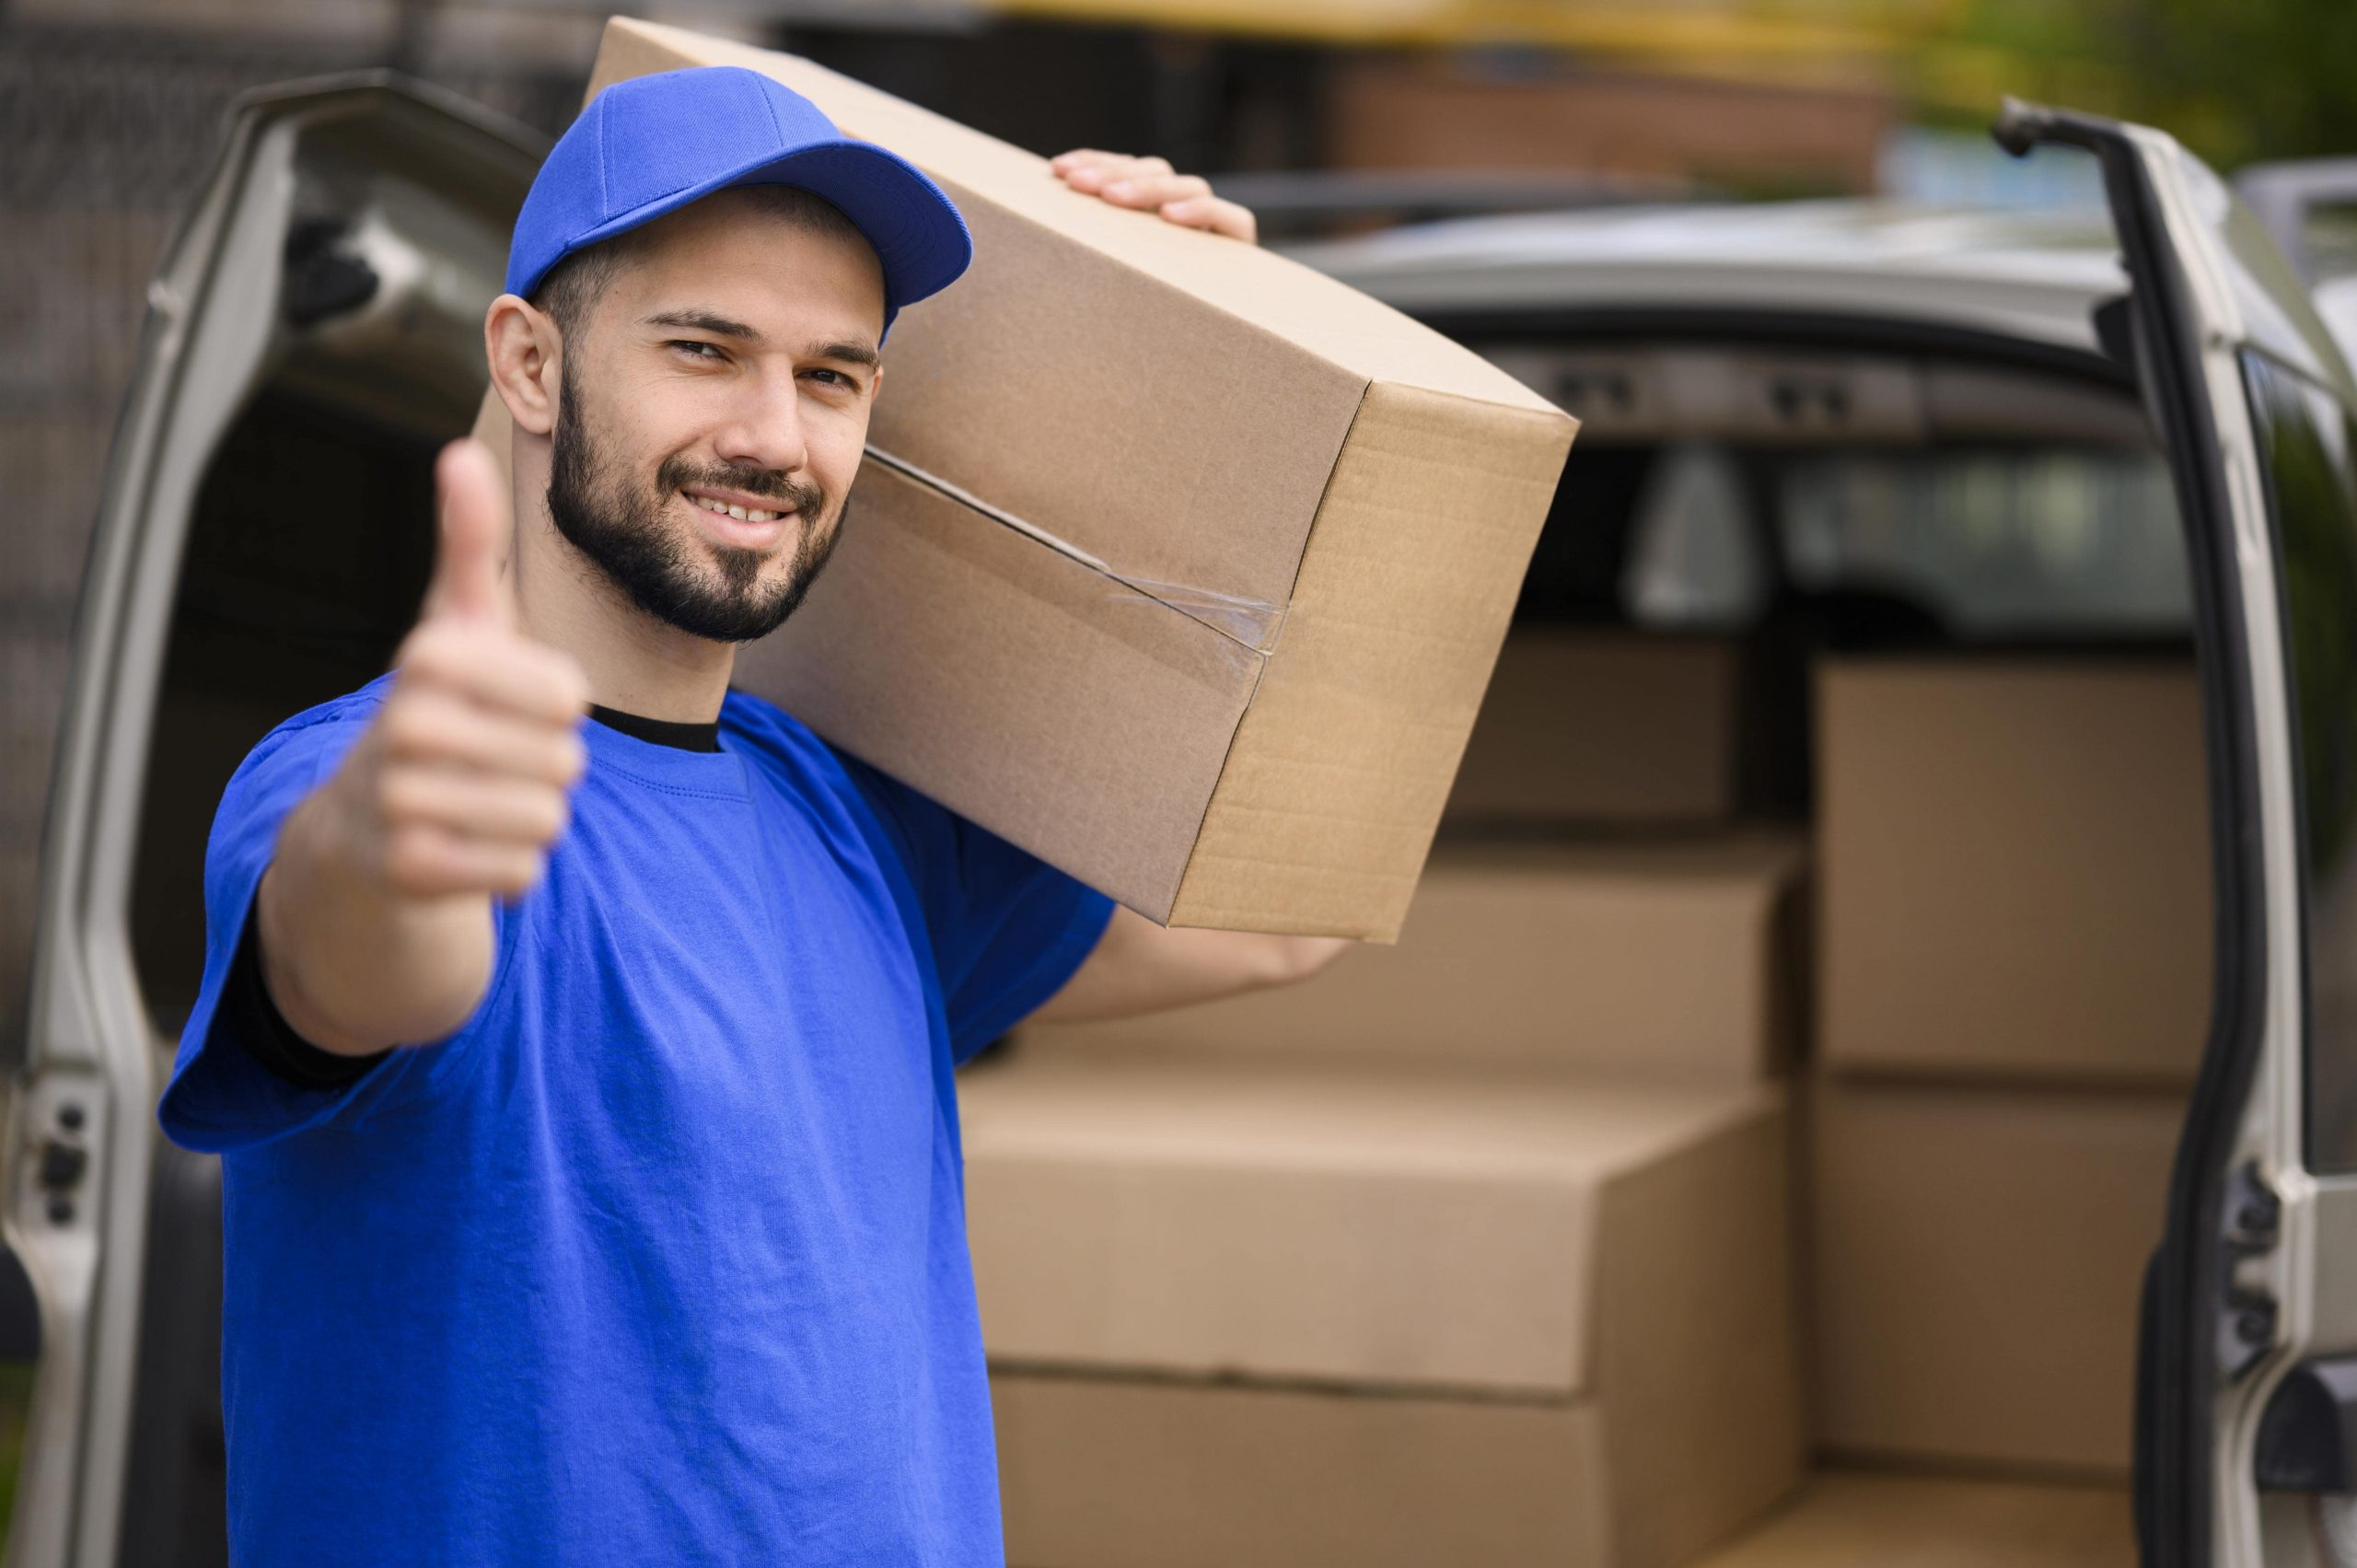 Zabezpečujeme sťahovanie bytov, domov, kancelárii. Presťahujeme Vás rýchlo a ohľaduplne k Vášmu majetku za výhodné ceny. Vyskúšajte spoluprácu s nami.